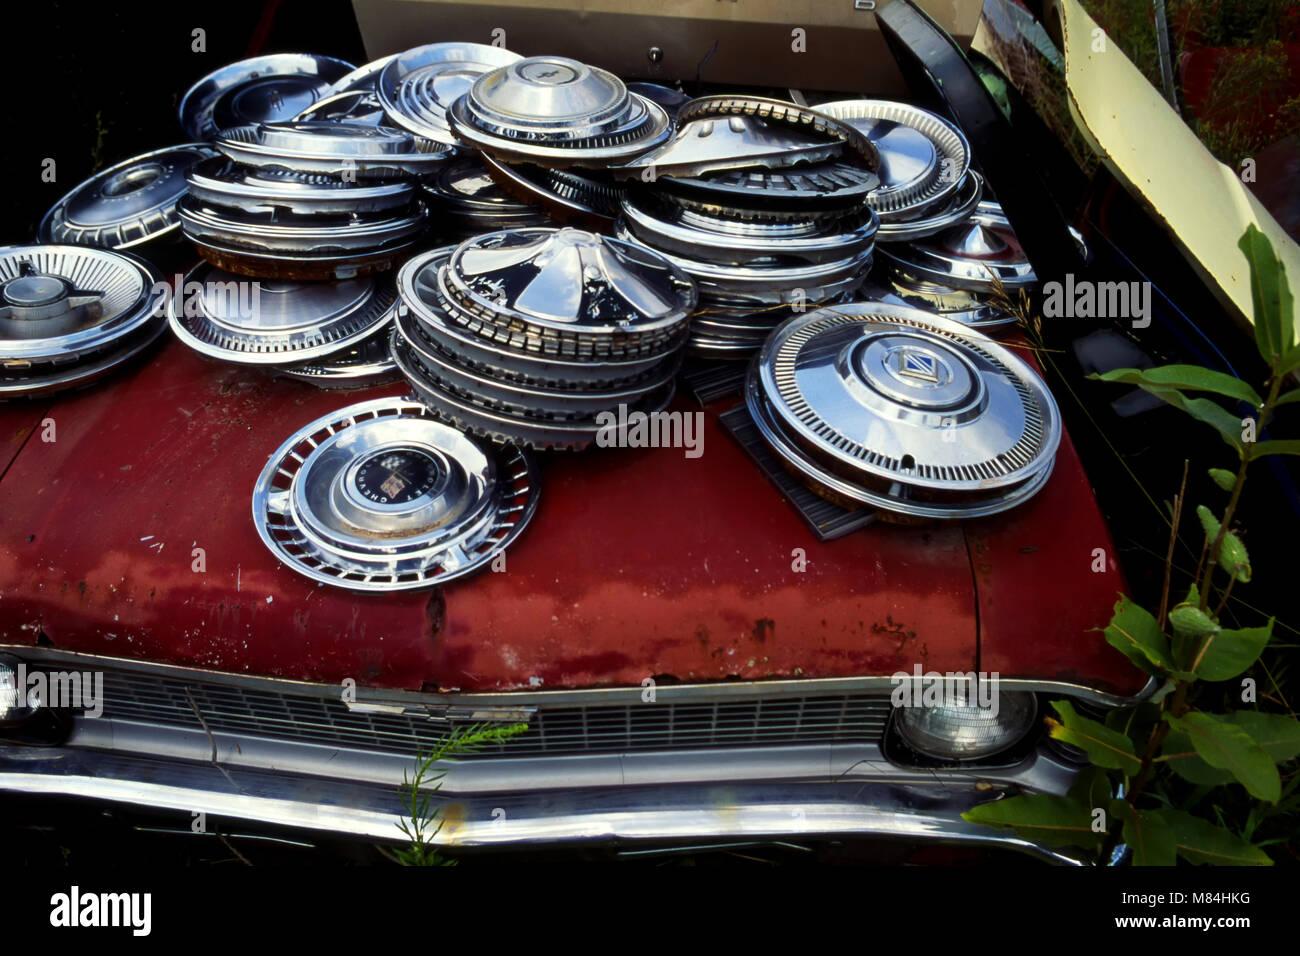 Hubcaps in pile at junkyard - Stock Image